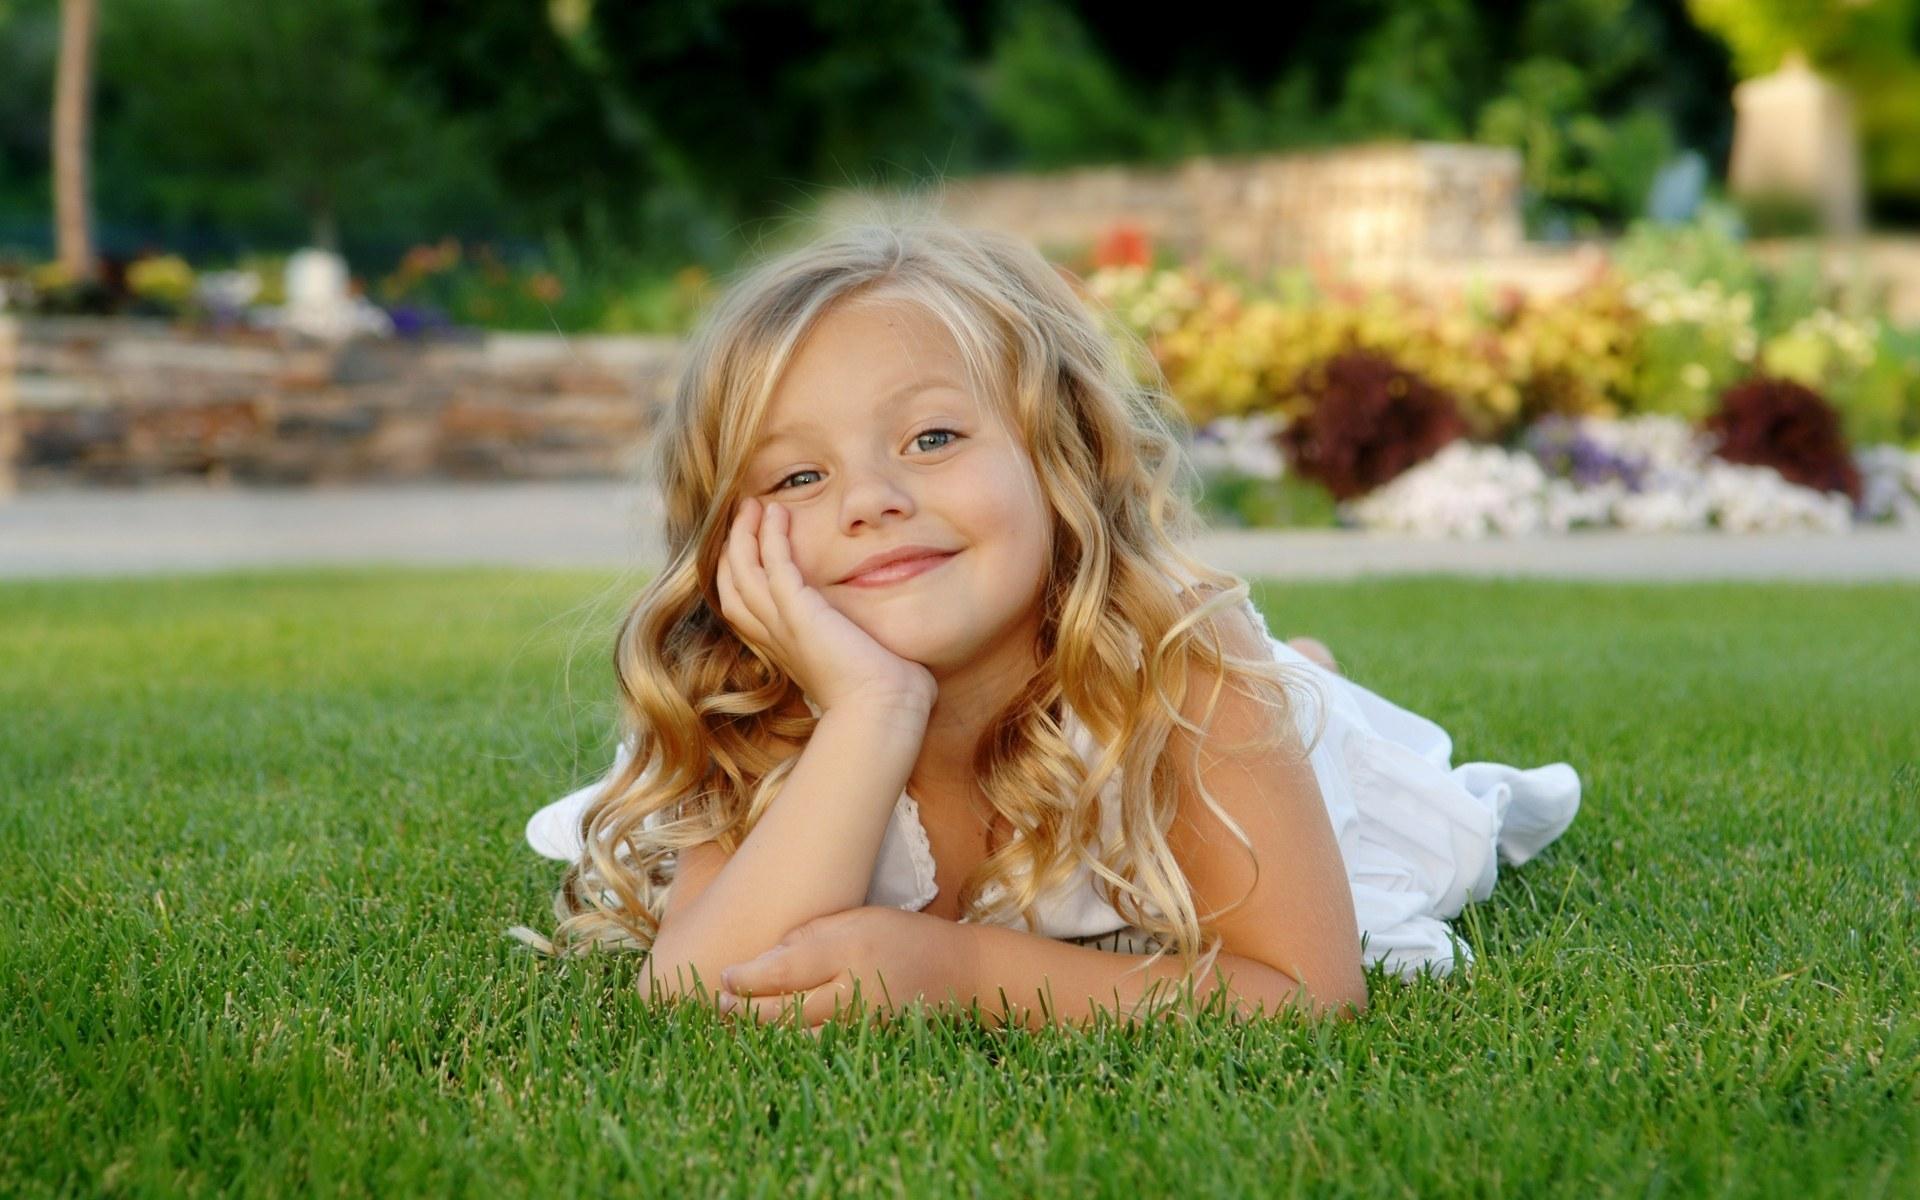 Рассказы маленькие девочки с письками мальчиков 25 фотография